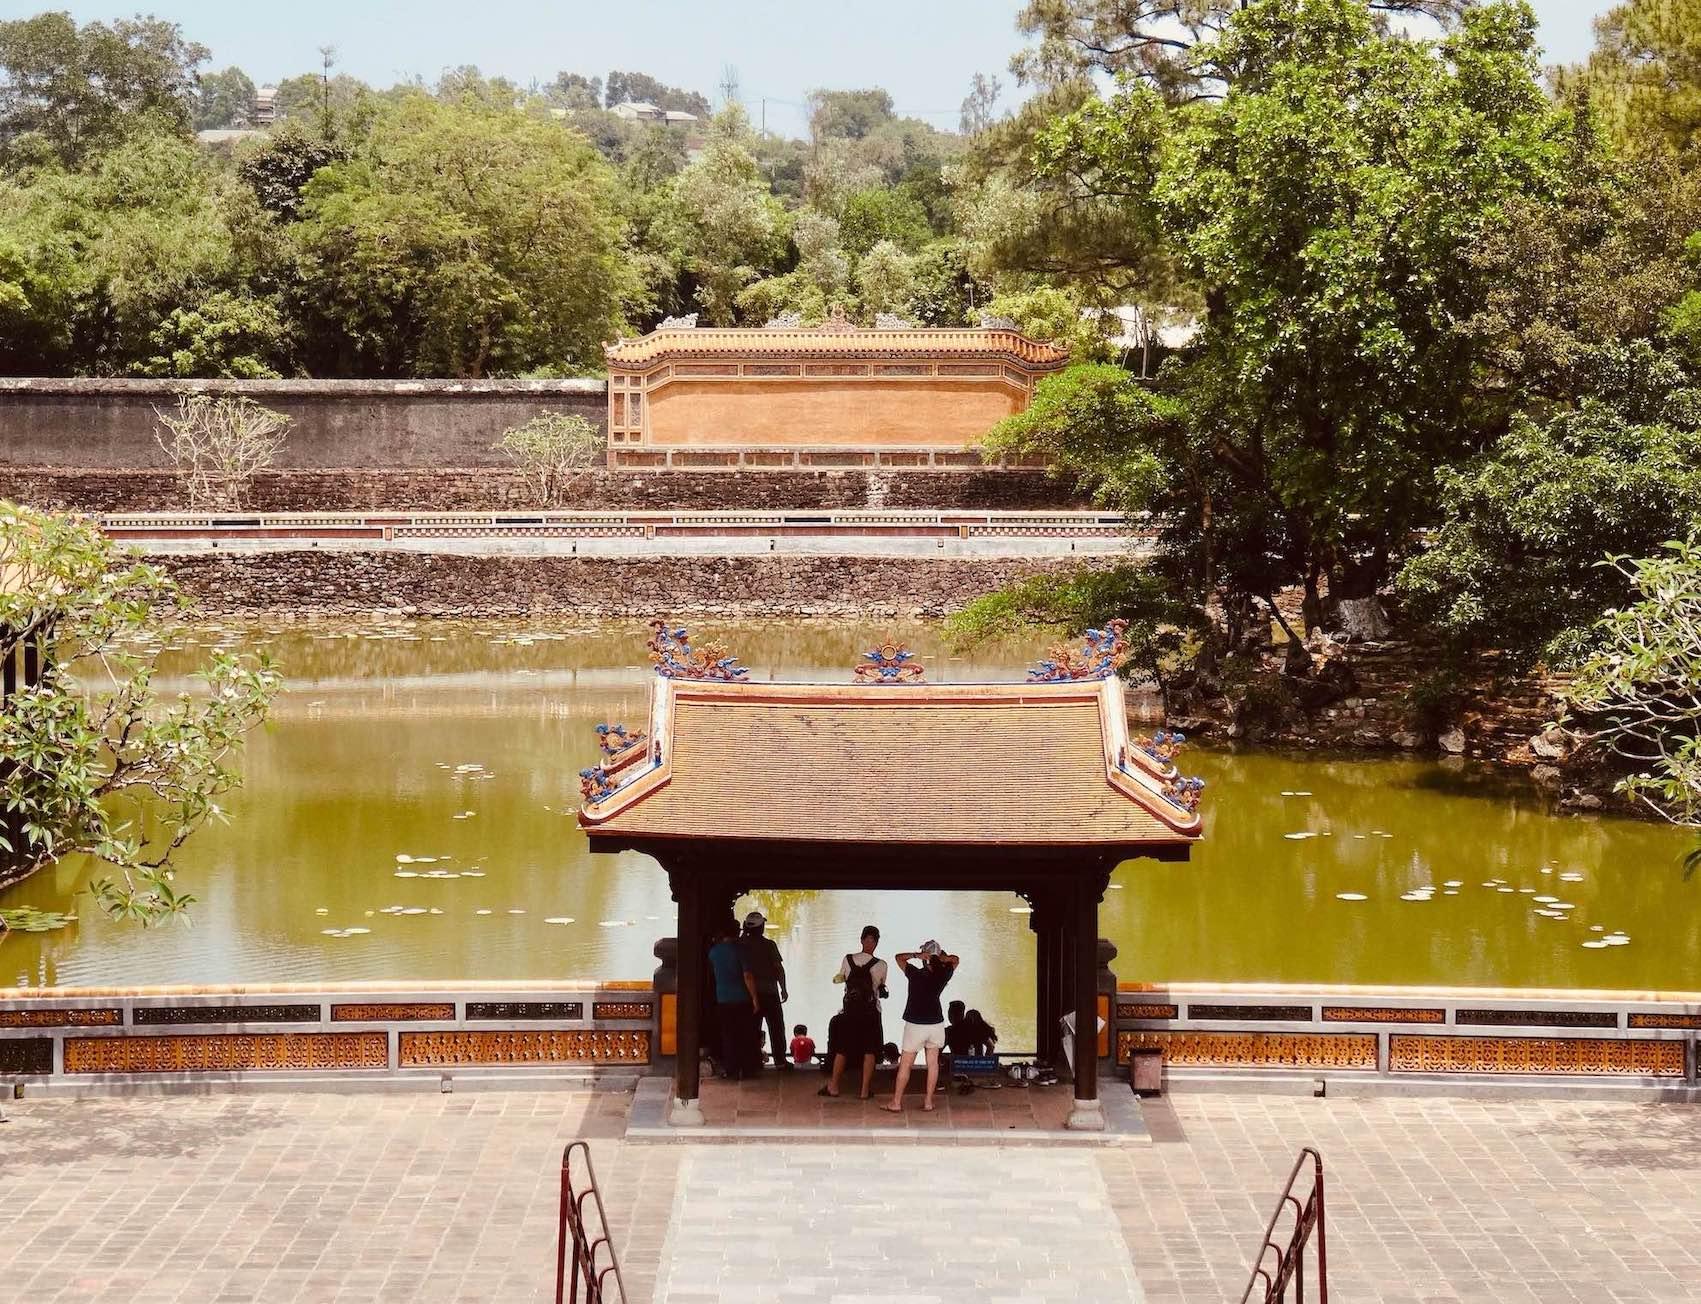 Lotus Pond Mausoleum of Emperor Tu Duc